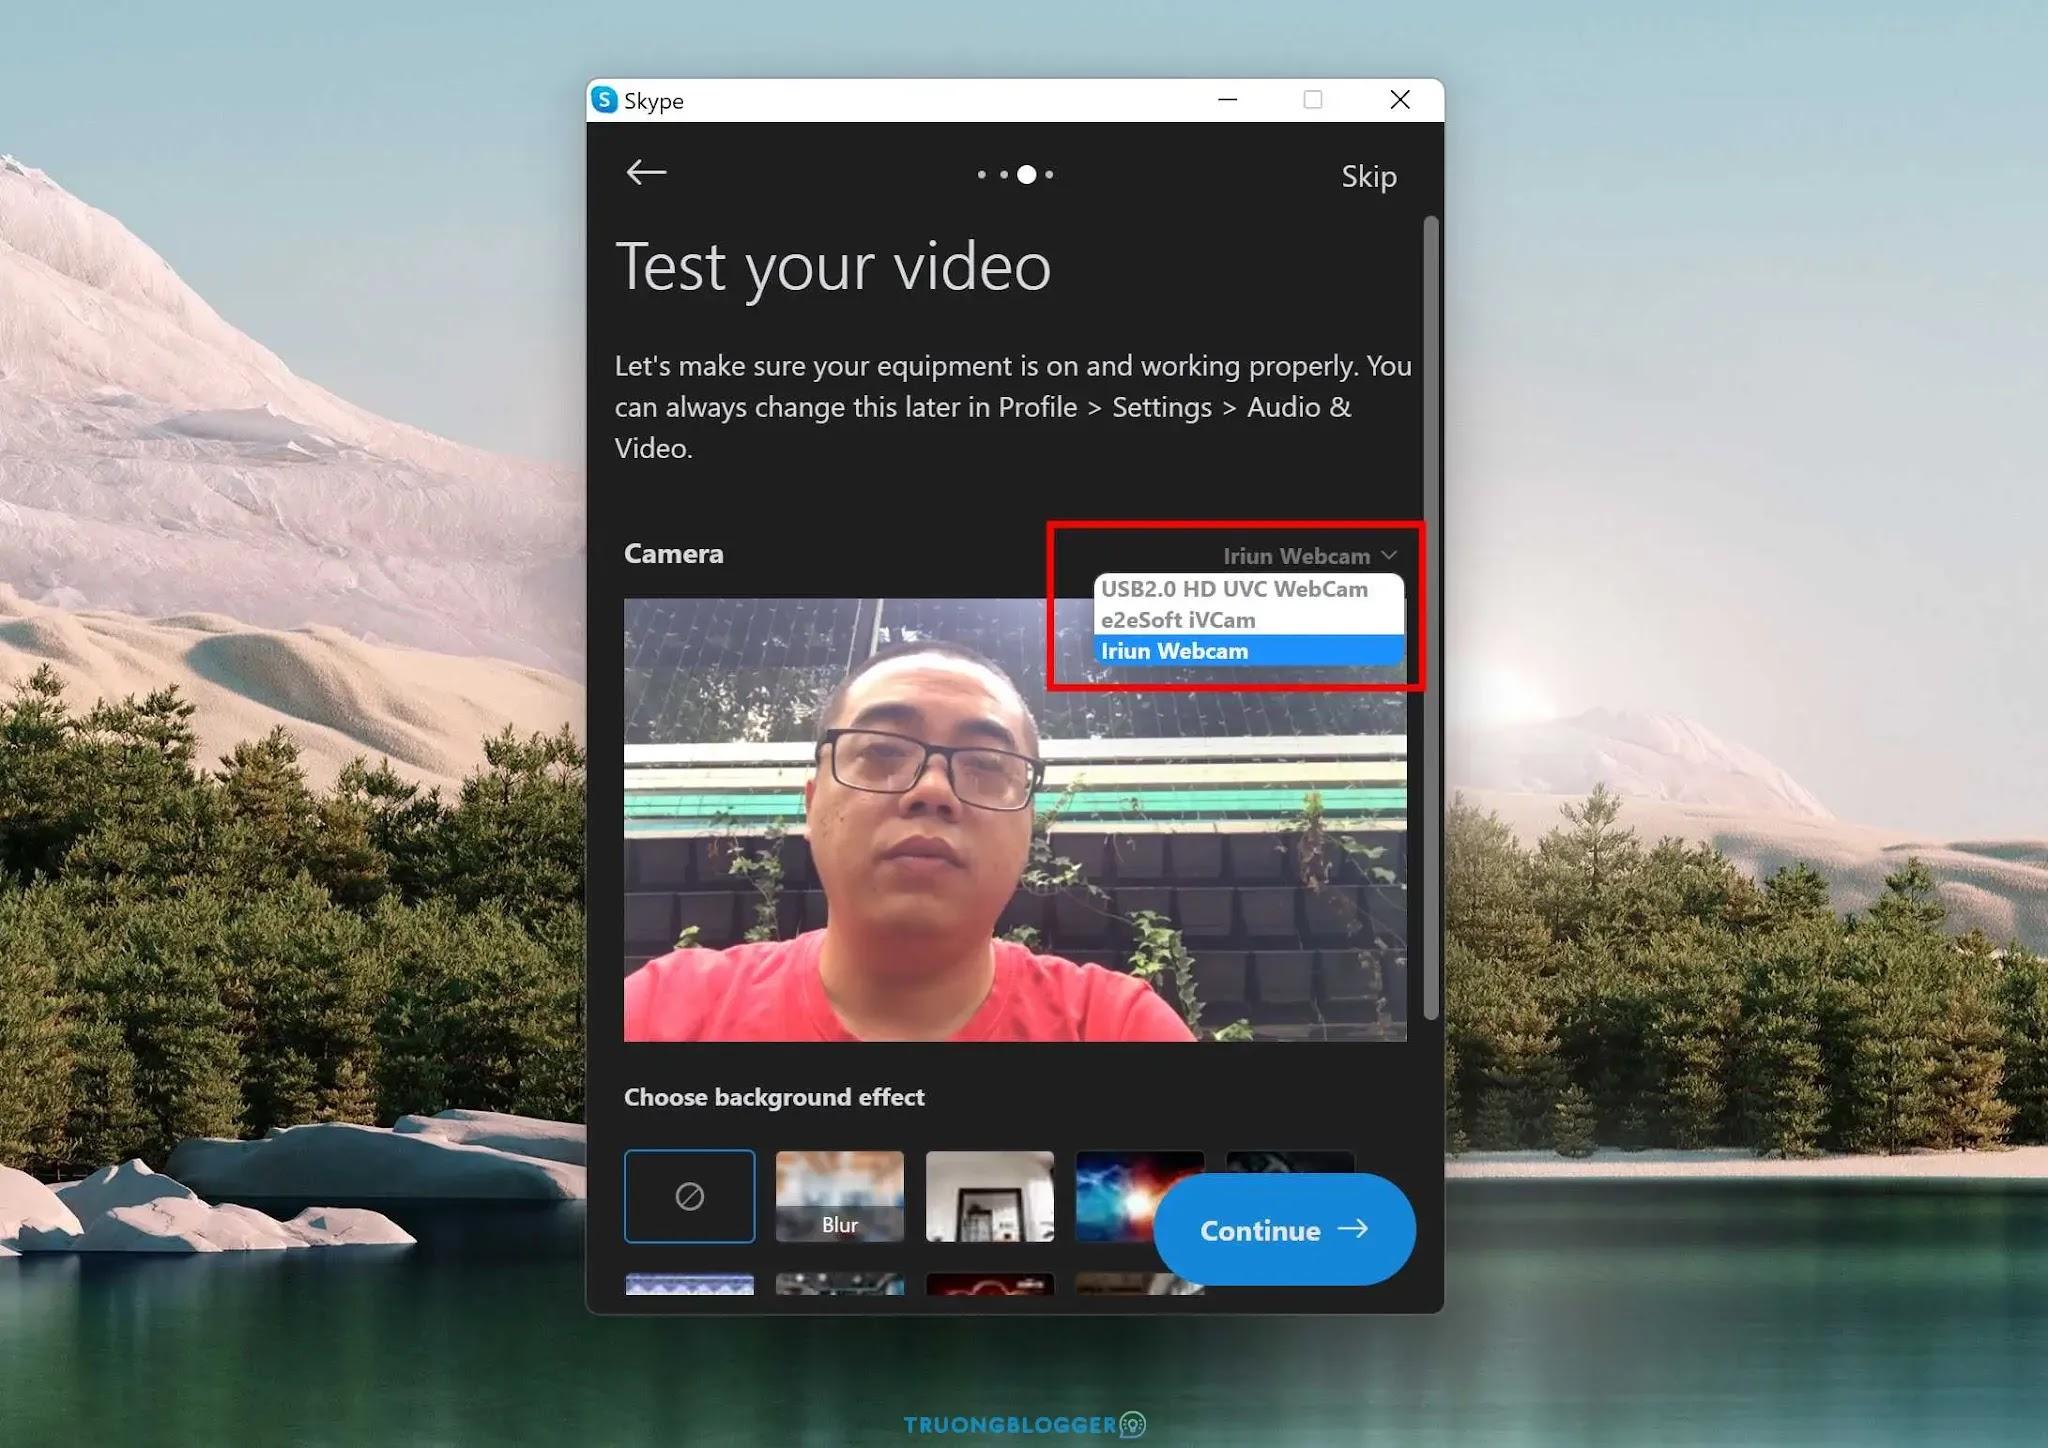 Cách biến điện thoại Android/iOS thành Webcam đơn giản nhất